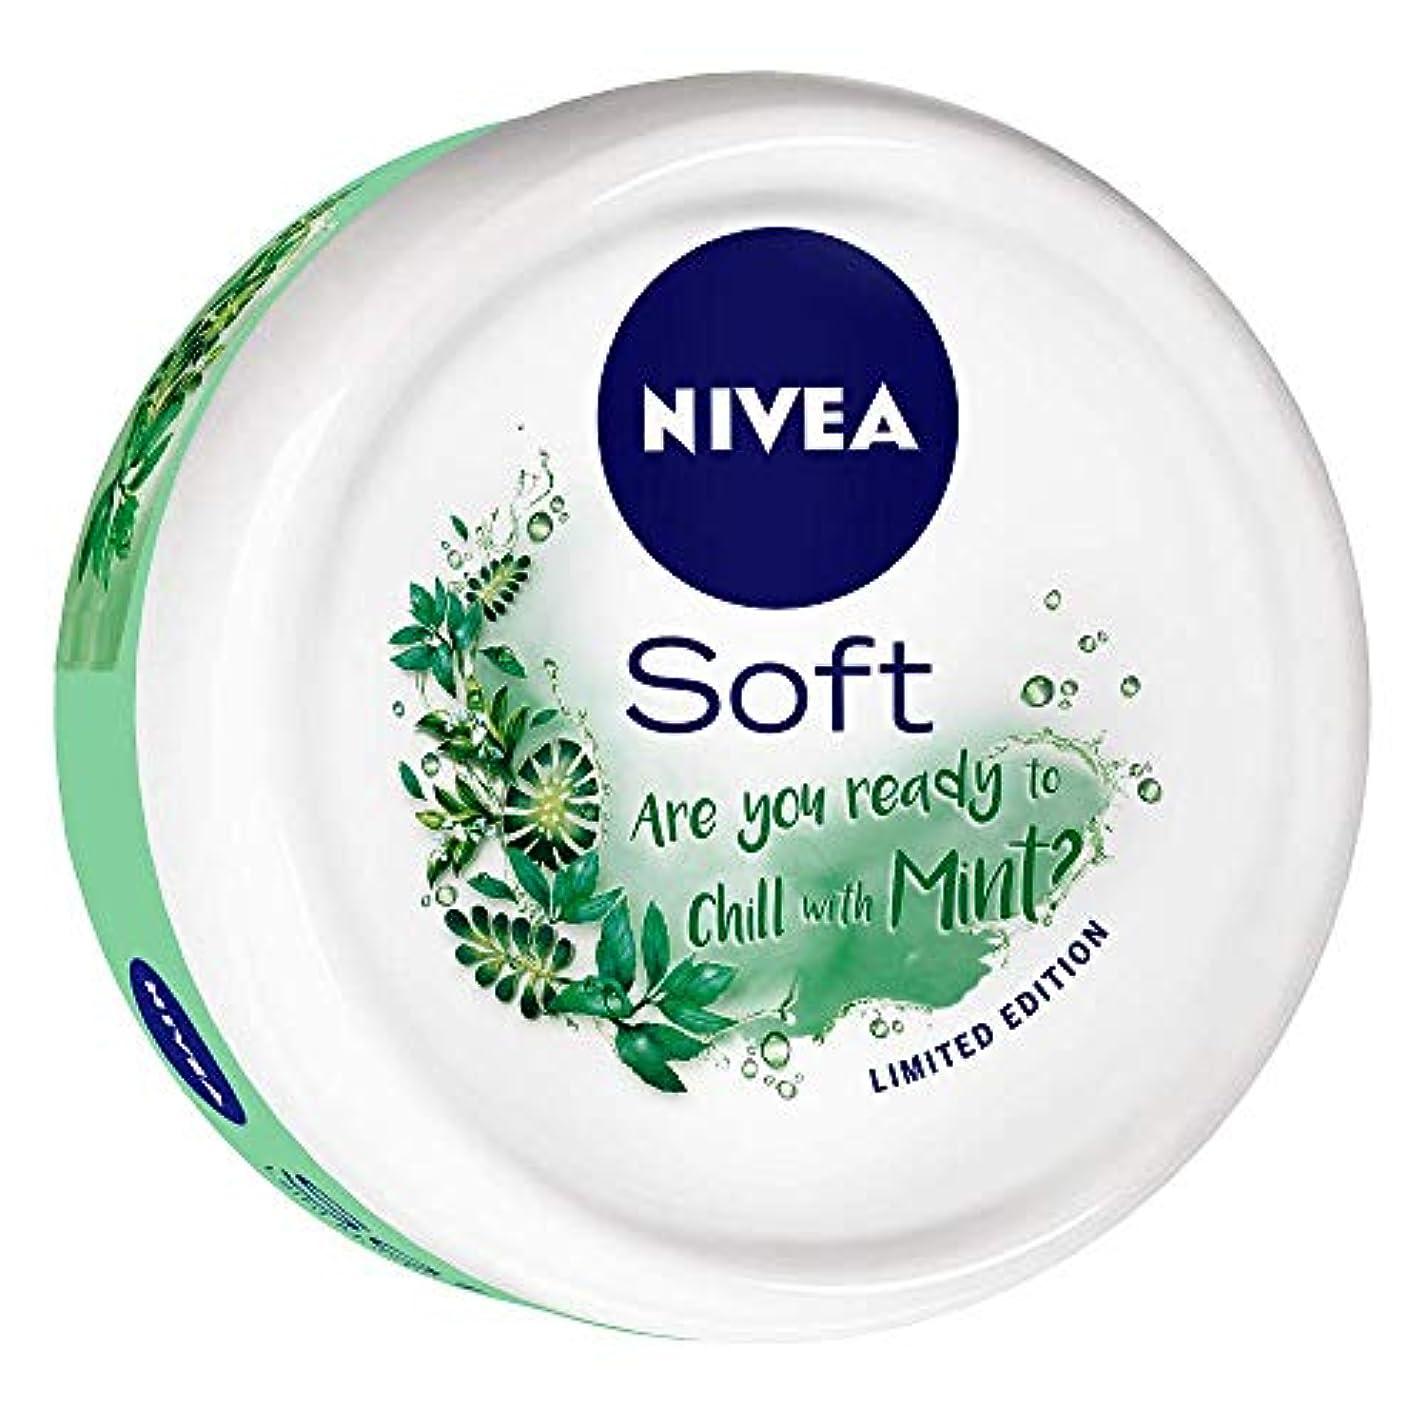 呪われたシャベル耕すNIVEA Soft Light Moisturizer Chilled Mint With Vitamin E & Jojoba Oil, 50 ml